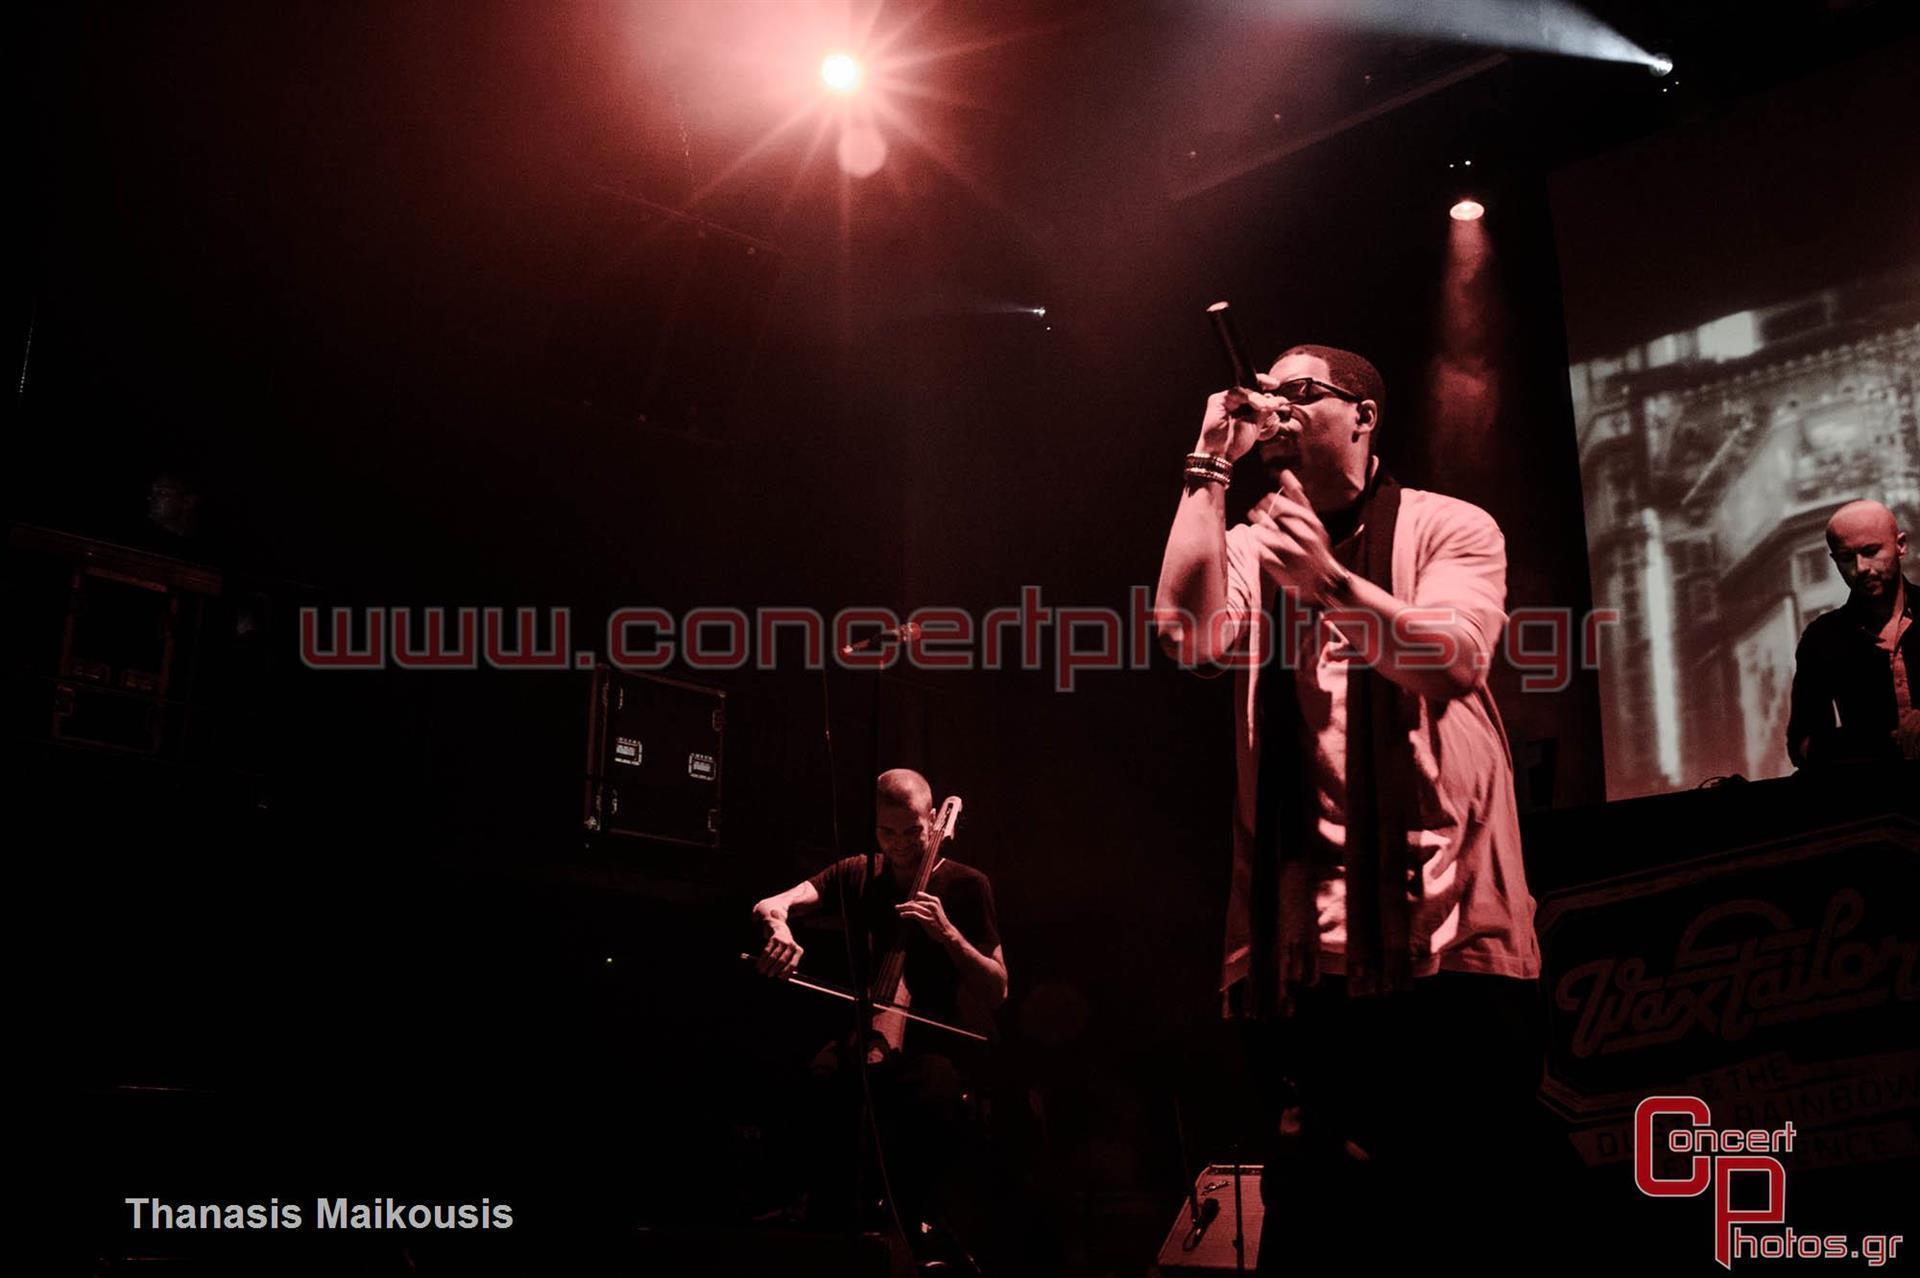 Wax Tailor - photographer: Thanasis Maikousis - ConcertPhotos-7834